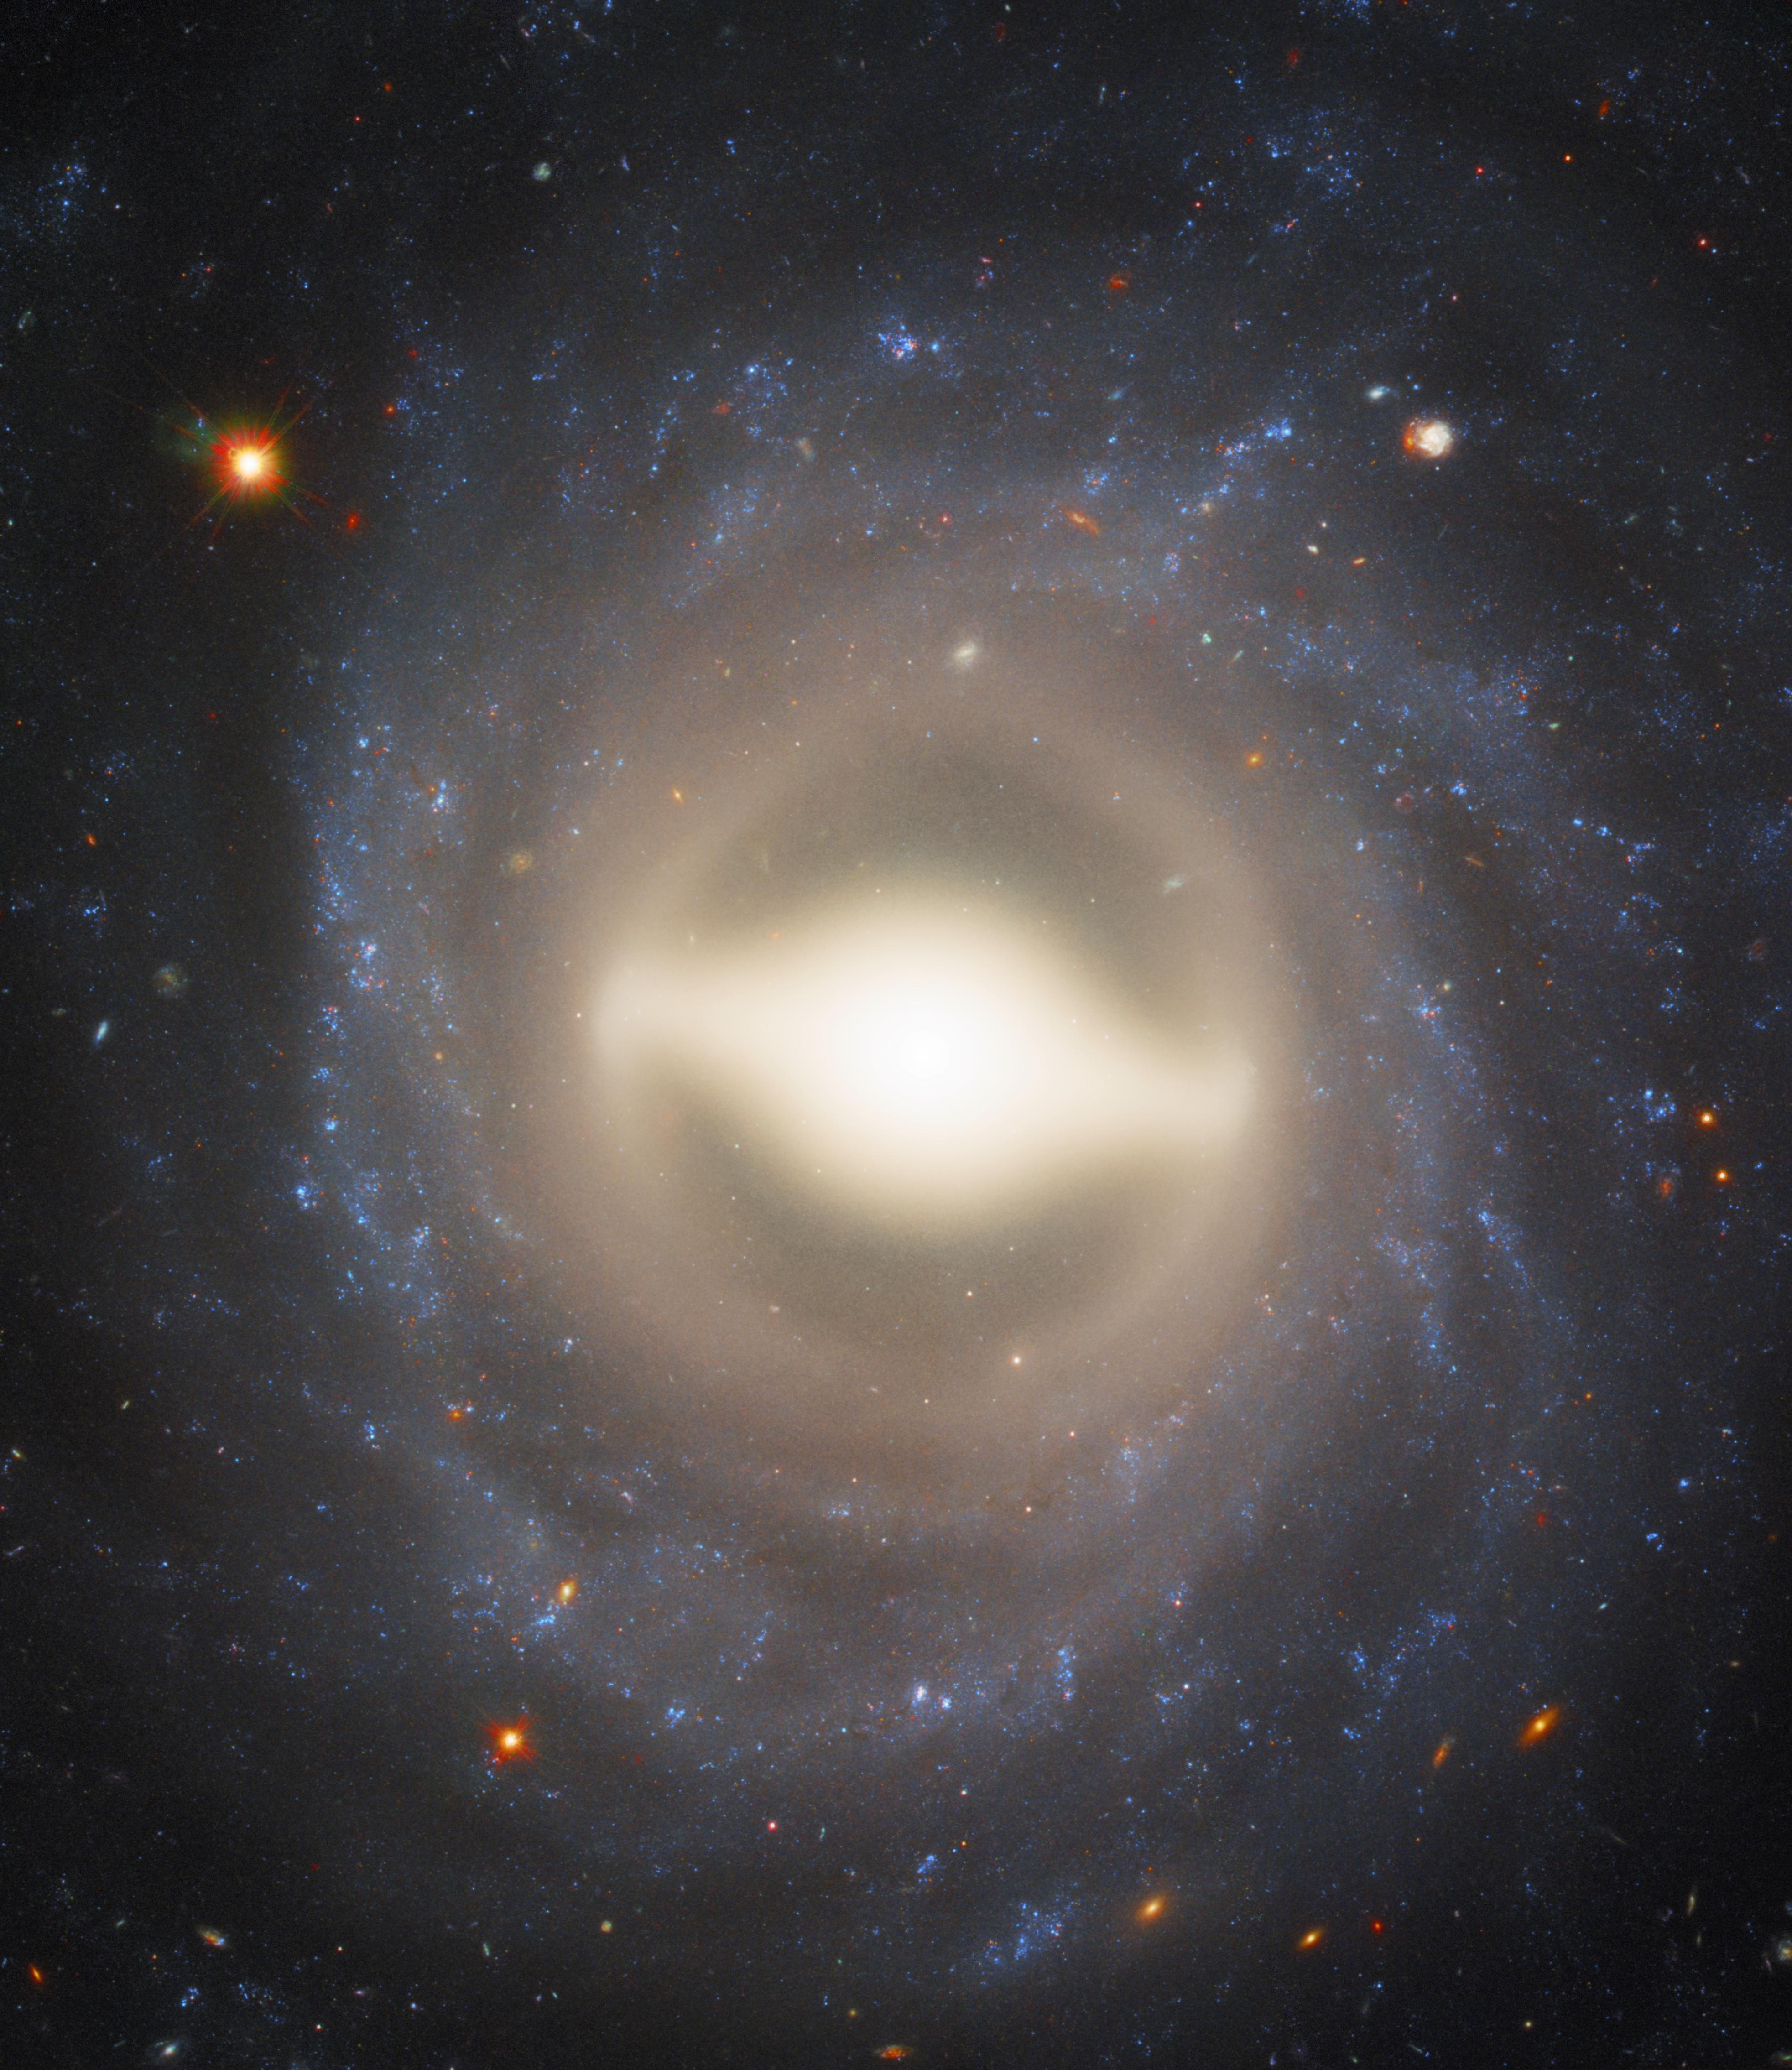 Фото дня: спиральная галактика с перемычкой в созвездии Кита